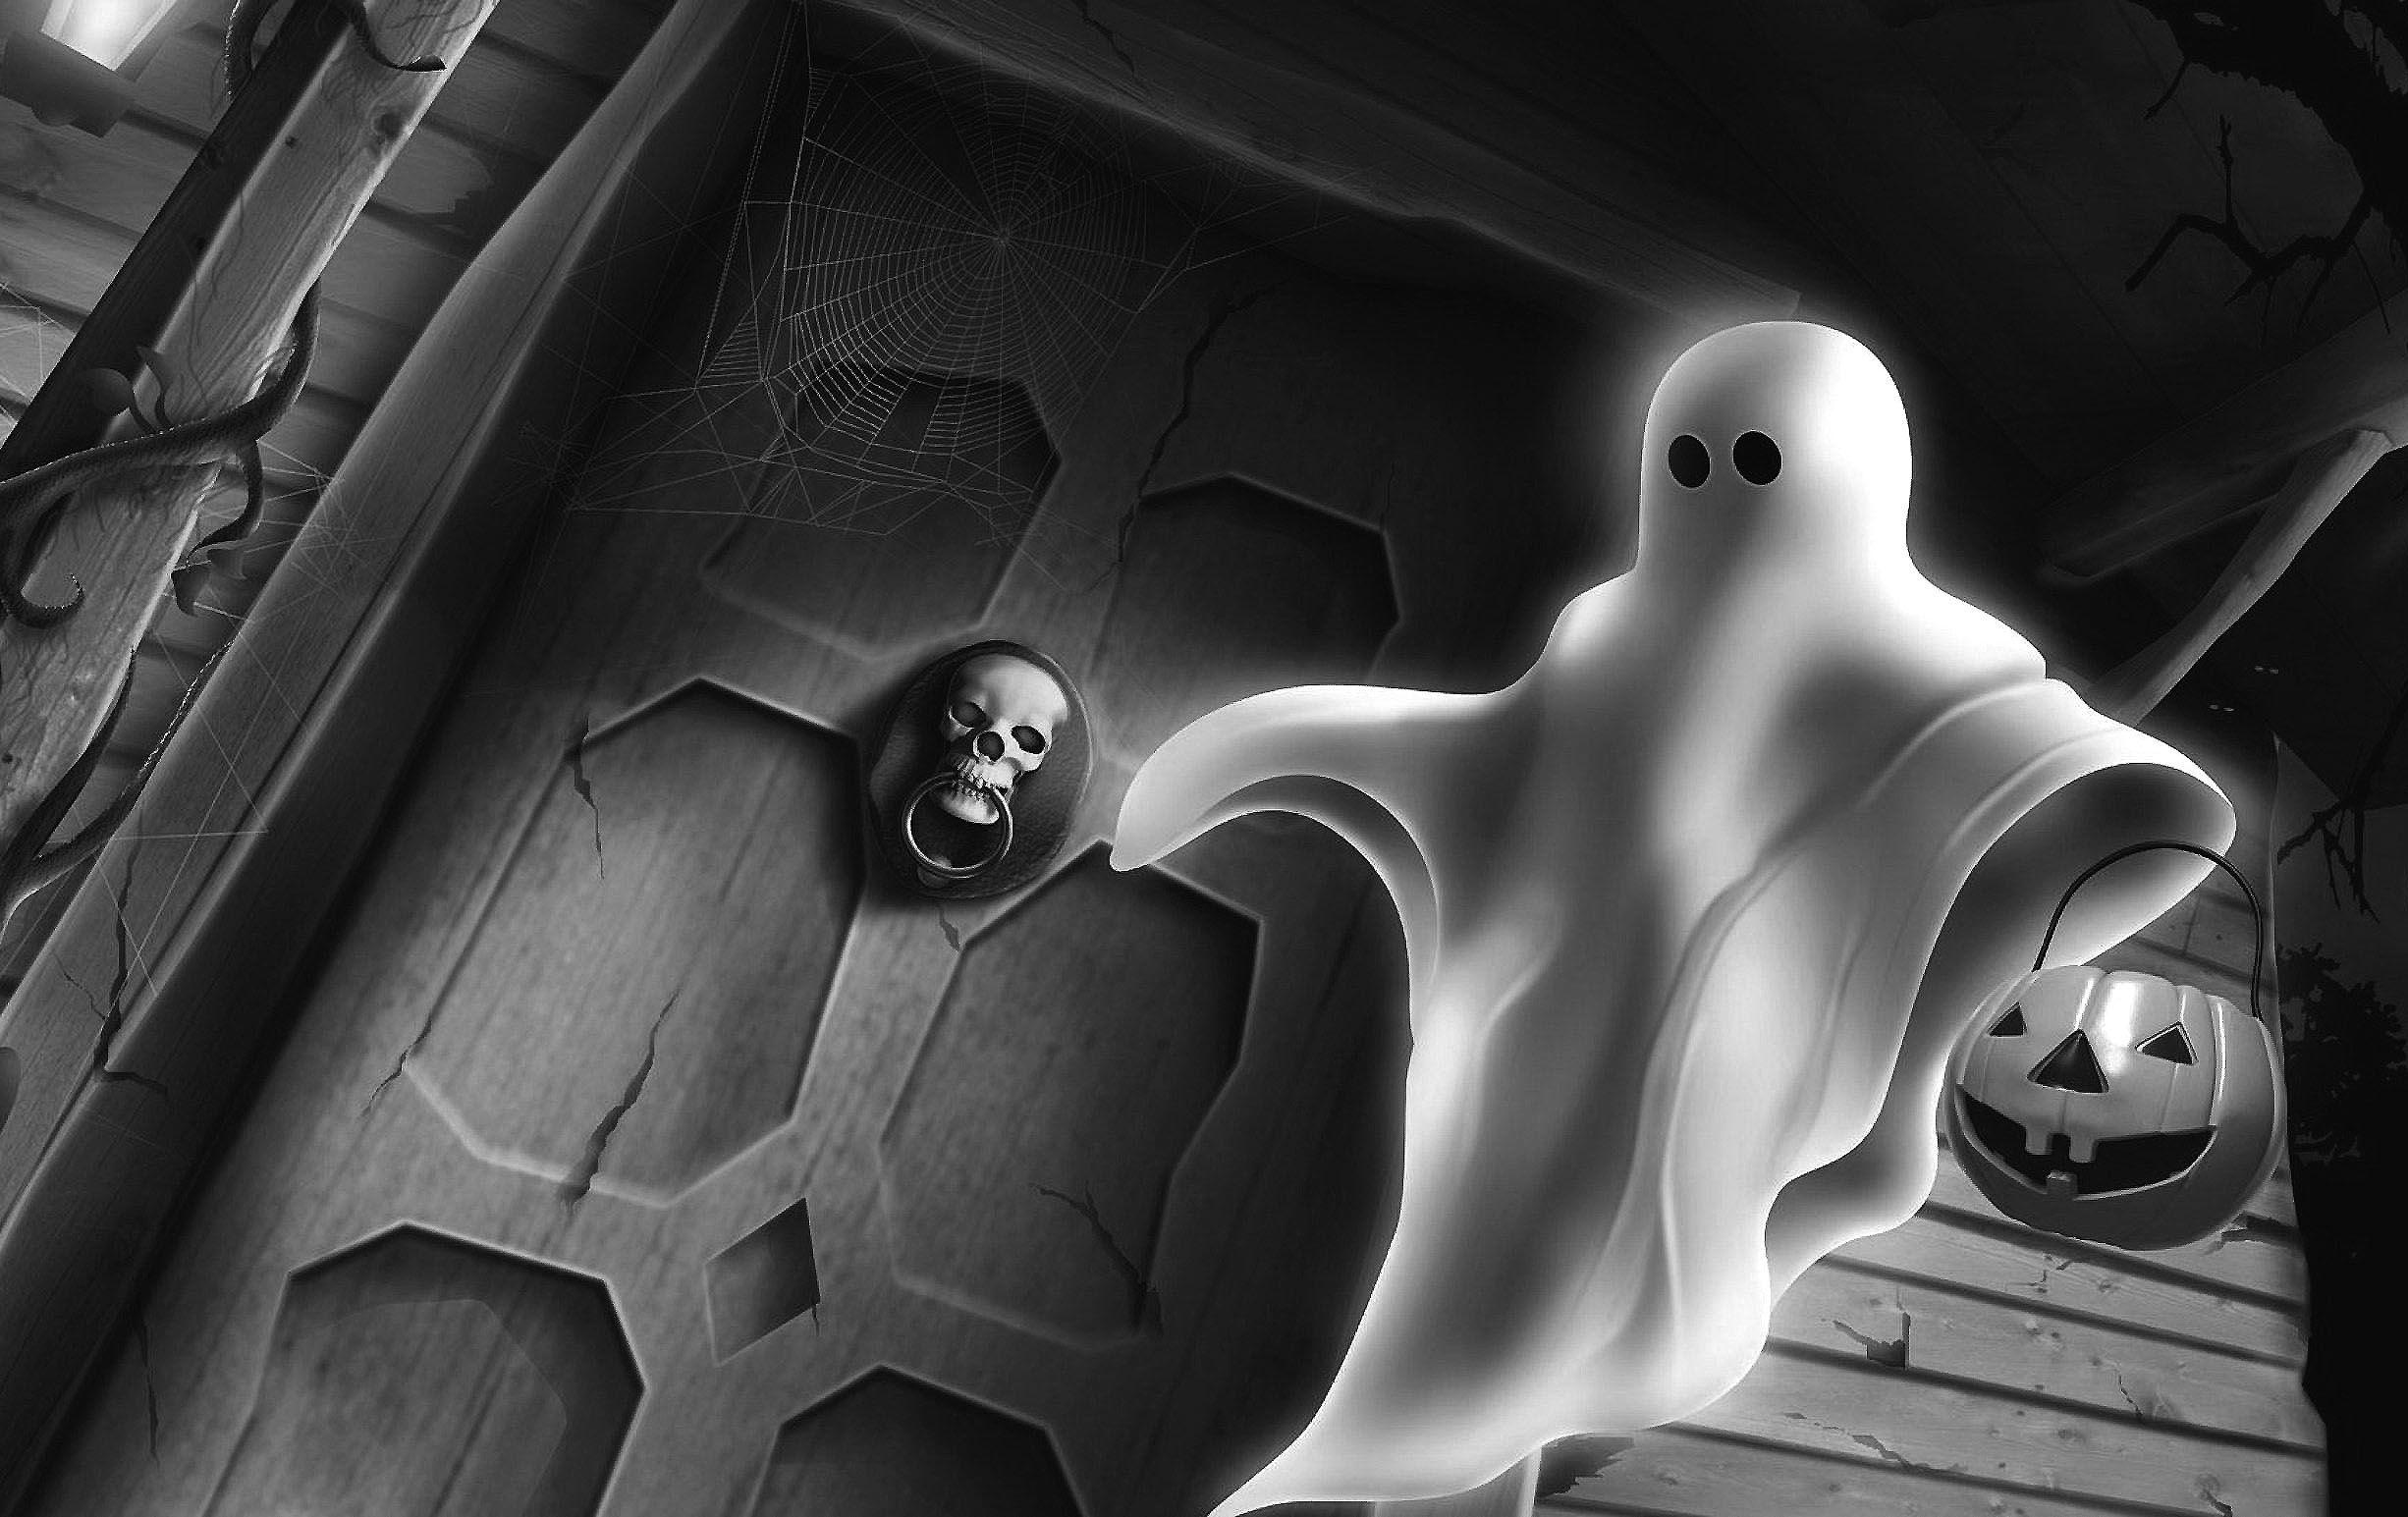 точно картинки с привидениями и призраками продажа